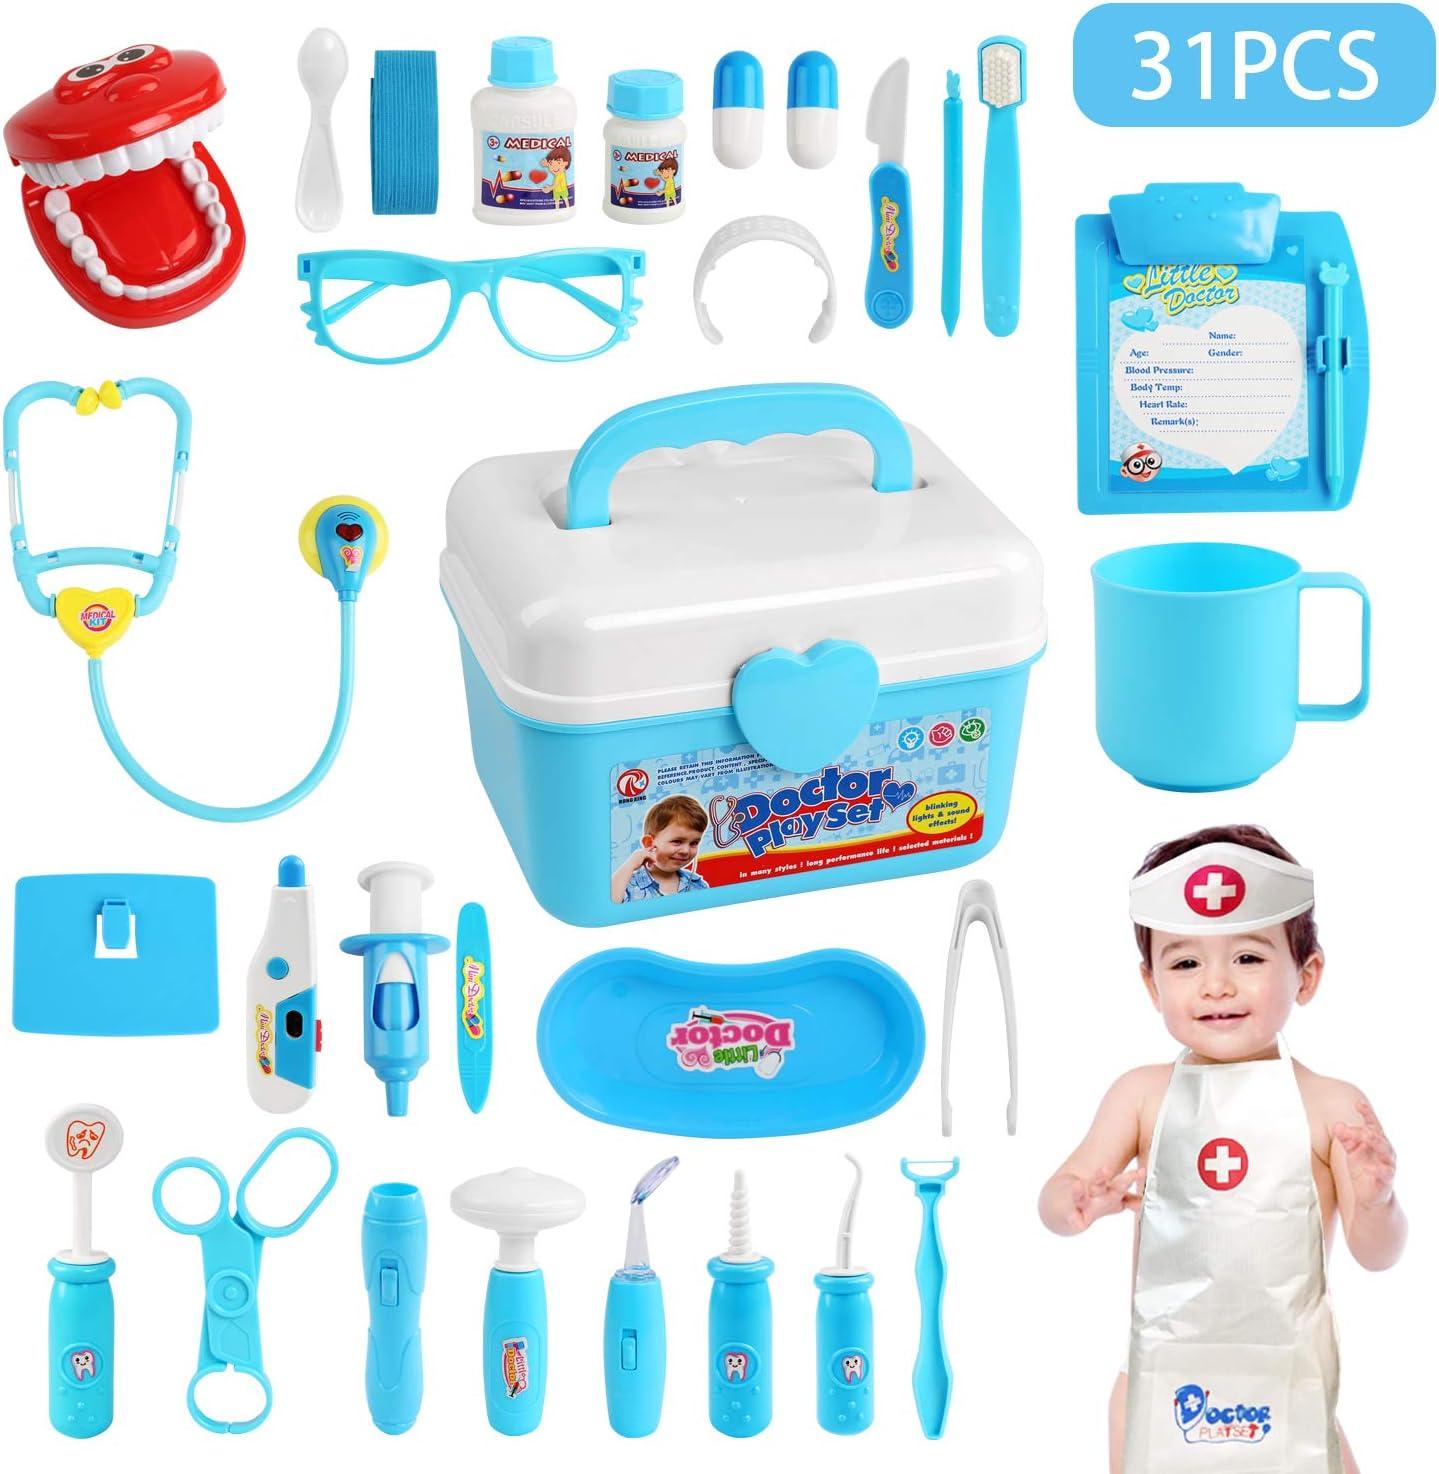 LEADSTAR Maletin Medicos Juguete de Doctora Kit,Juegos de Médicos Enfermera para Niños Juego de rol Cuadro Médico Kit Infantil para años Incluye Equipo de Brillo y Sonido y Bata de Doctor 31 PCS